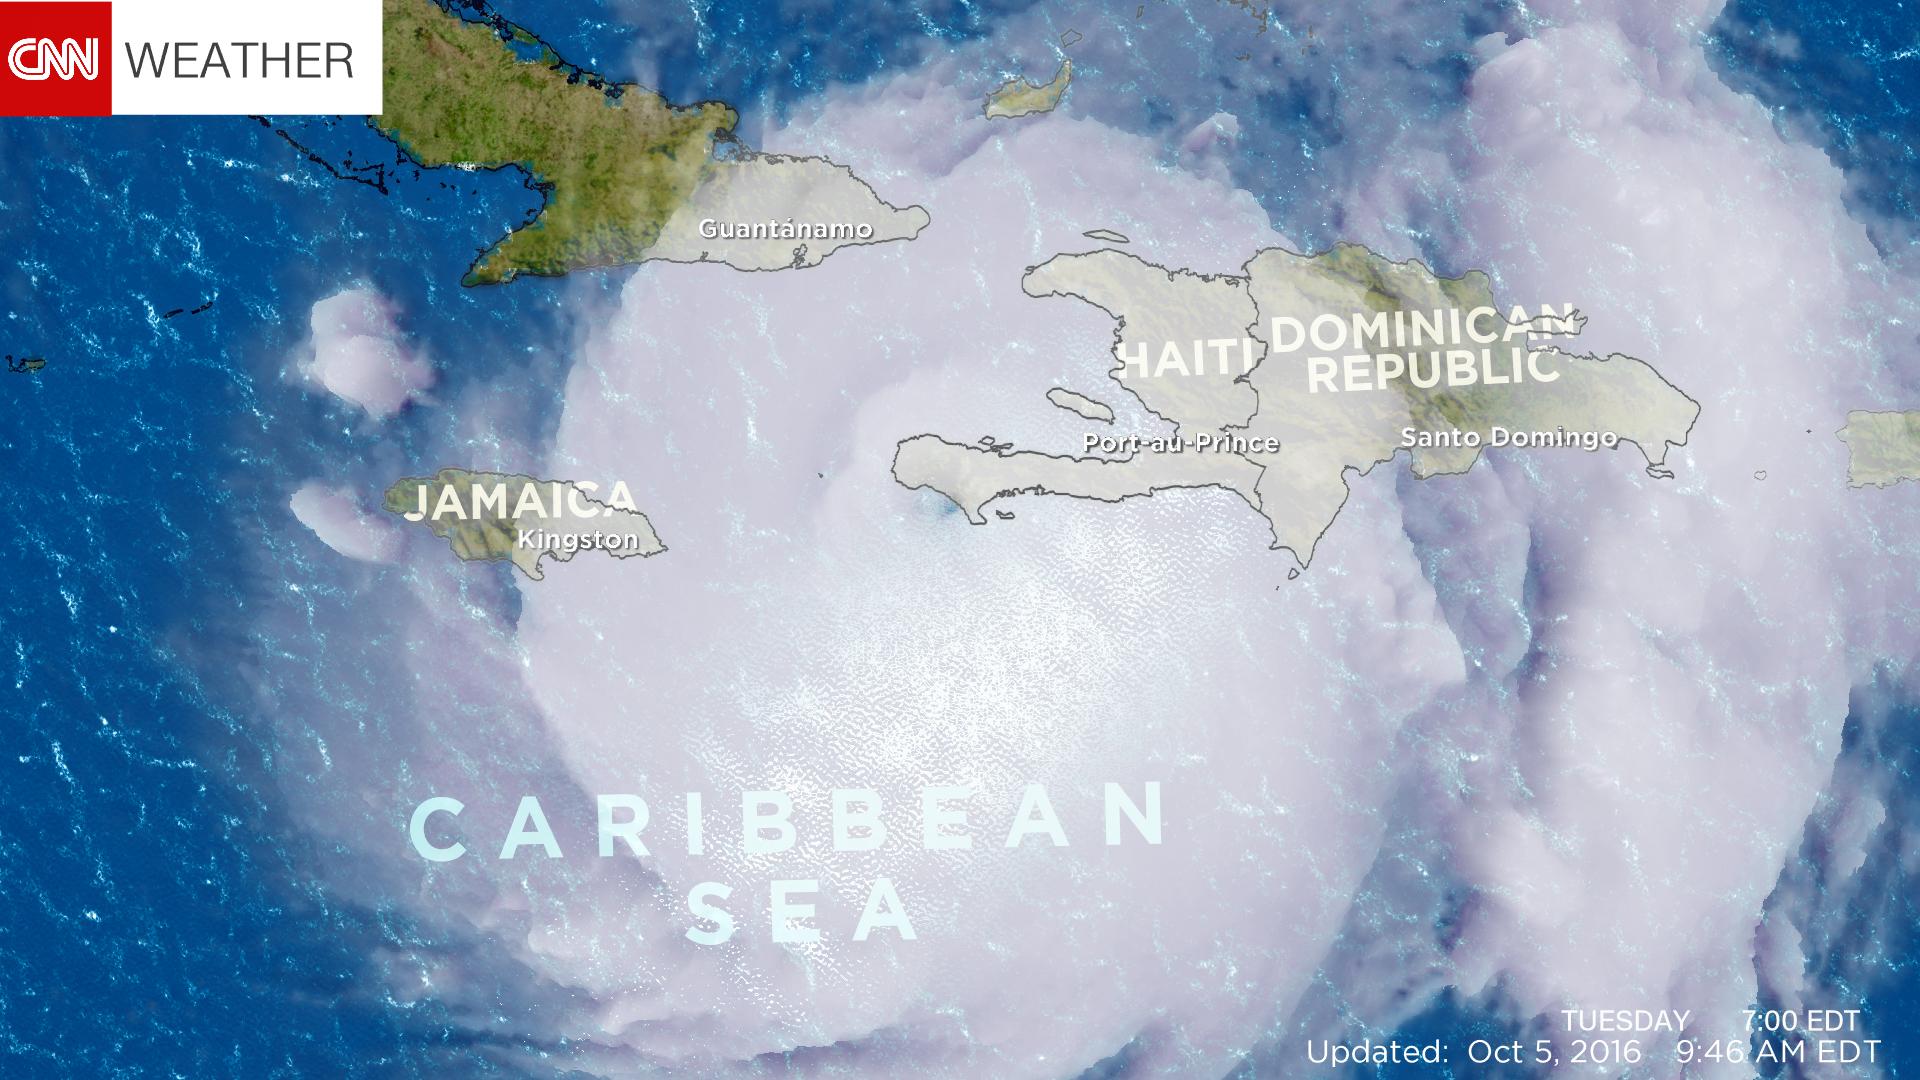 Skull Image Of Hurricane Matthew Spooks The Internet CNN - Today satellite image of world